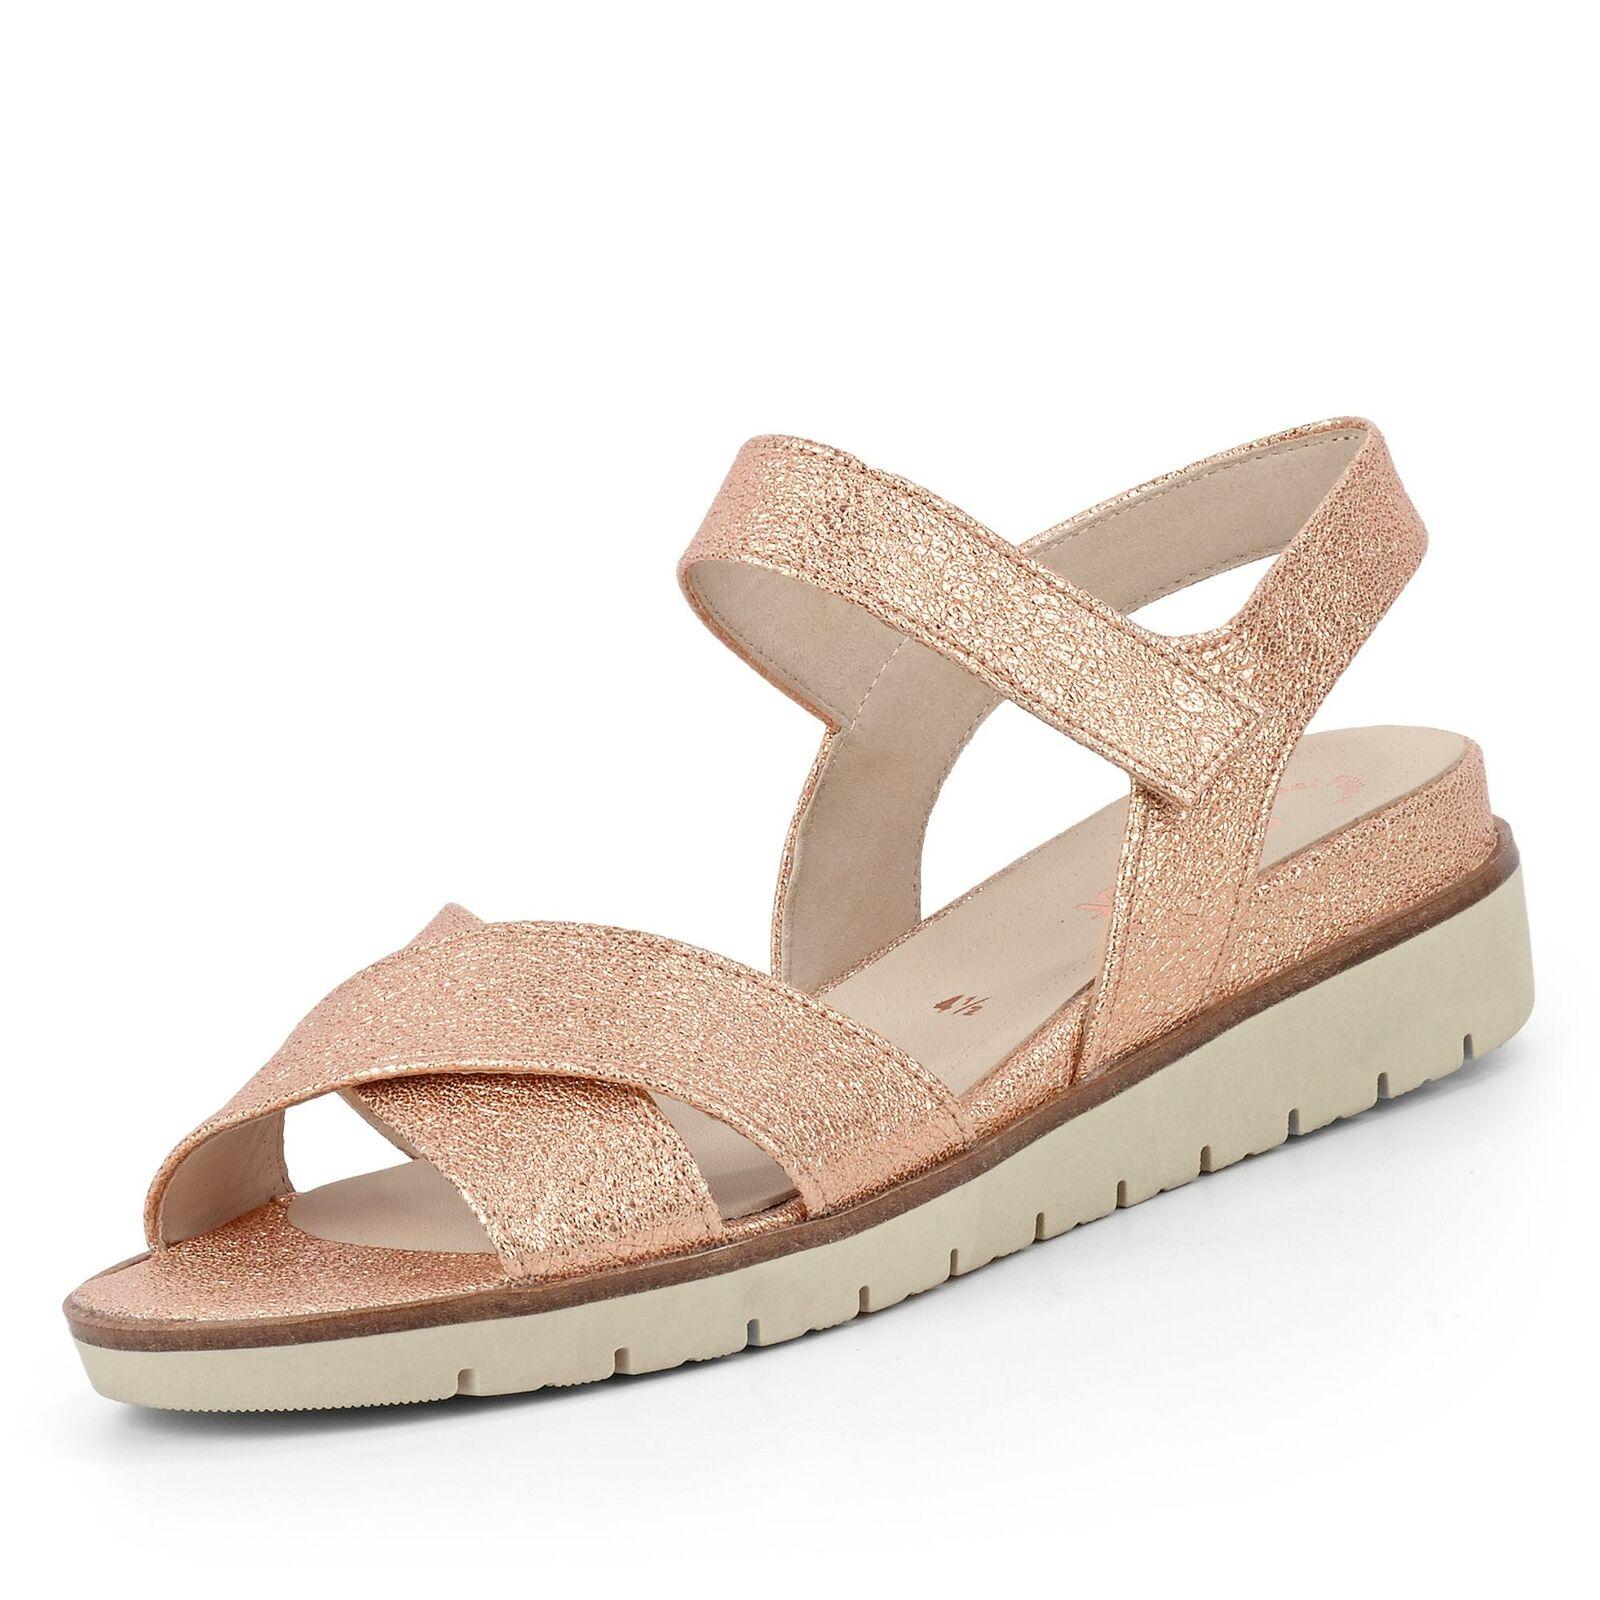 Gabor Damen Sandale Sandalette Sommerschuhe Schlupfschuhe Absatzschuhe Schuhe